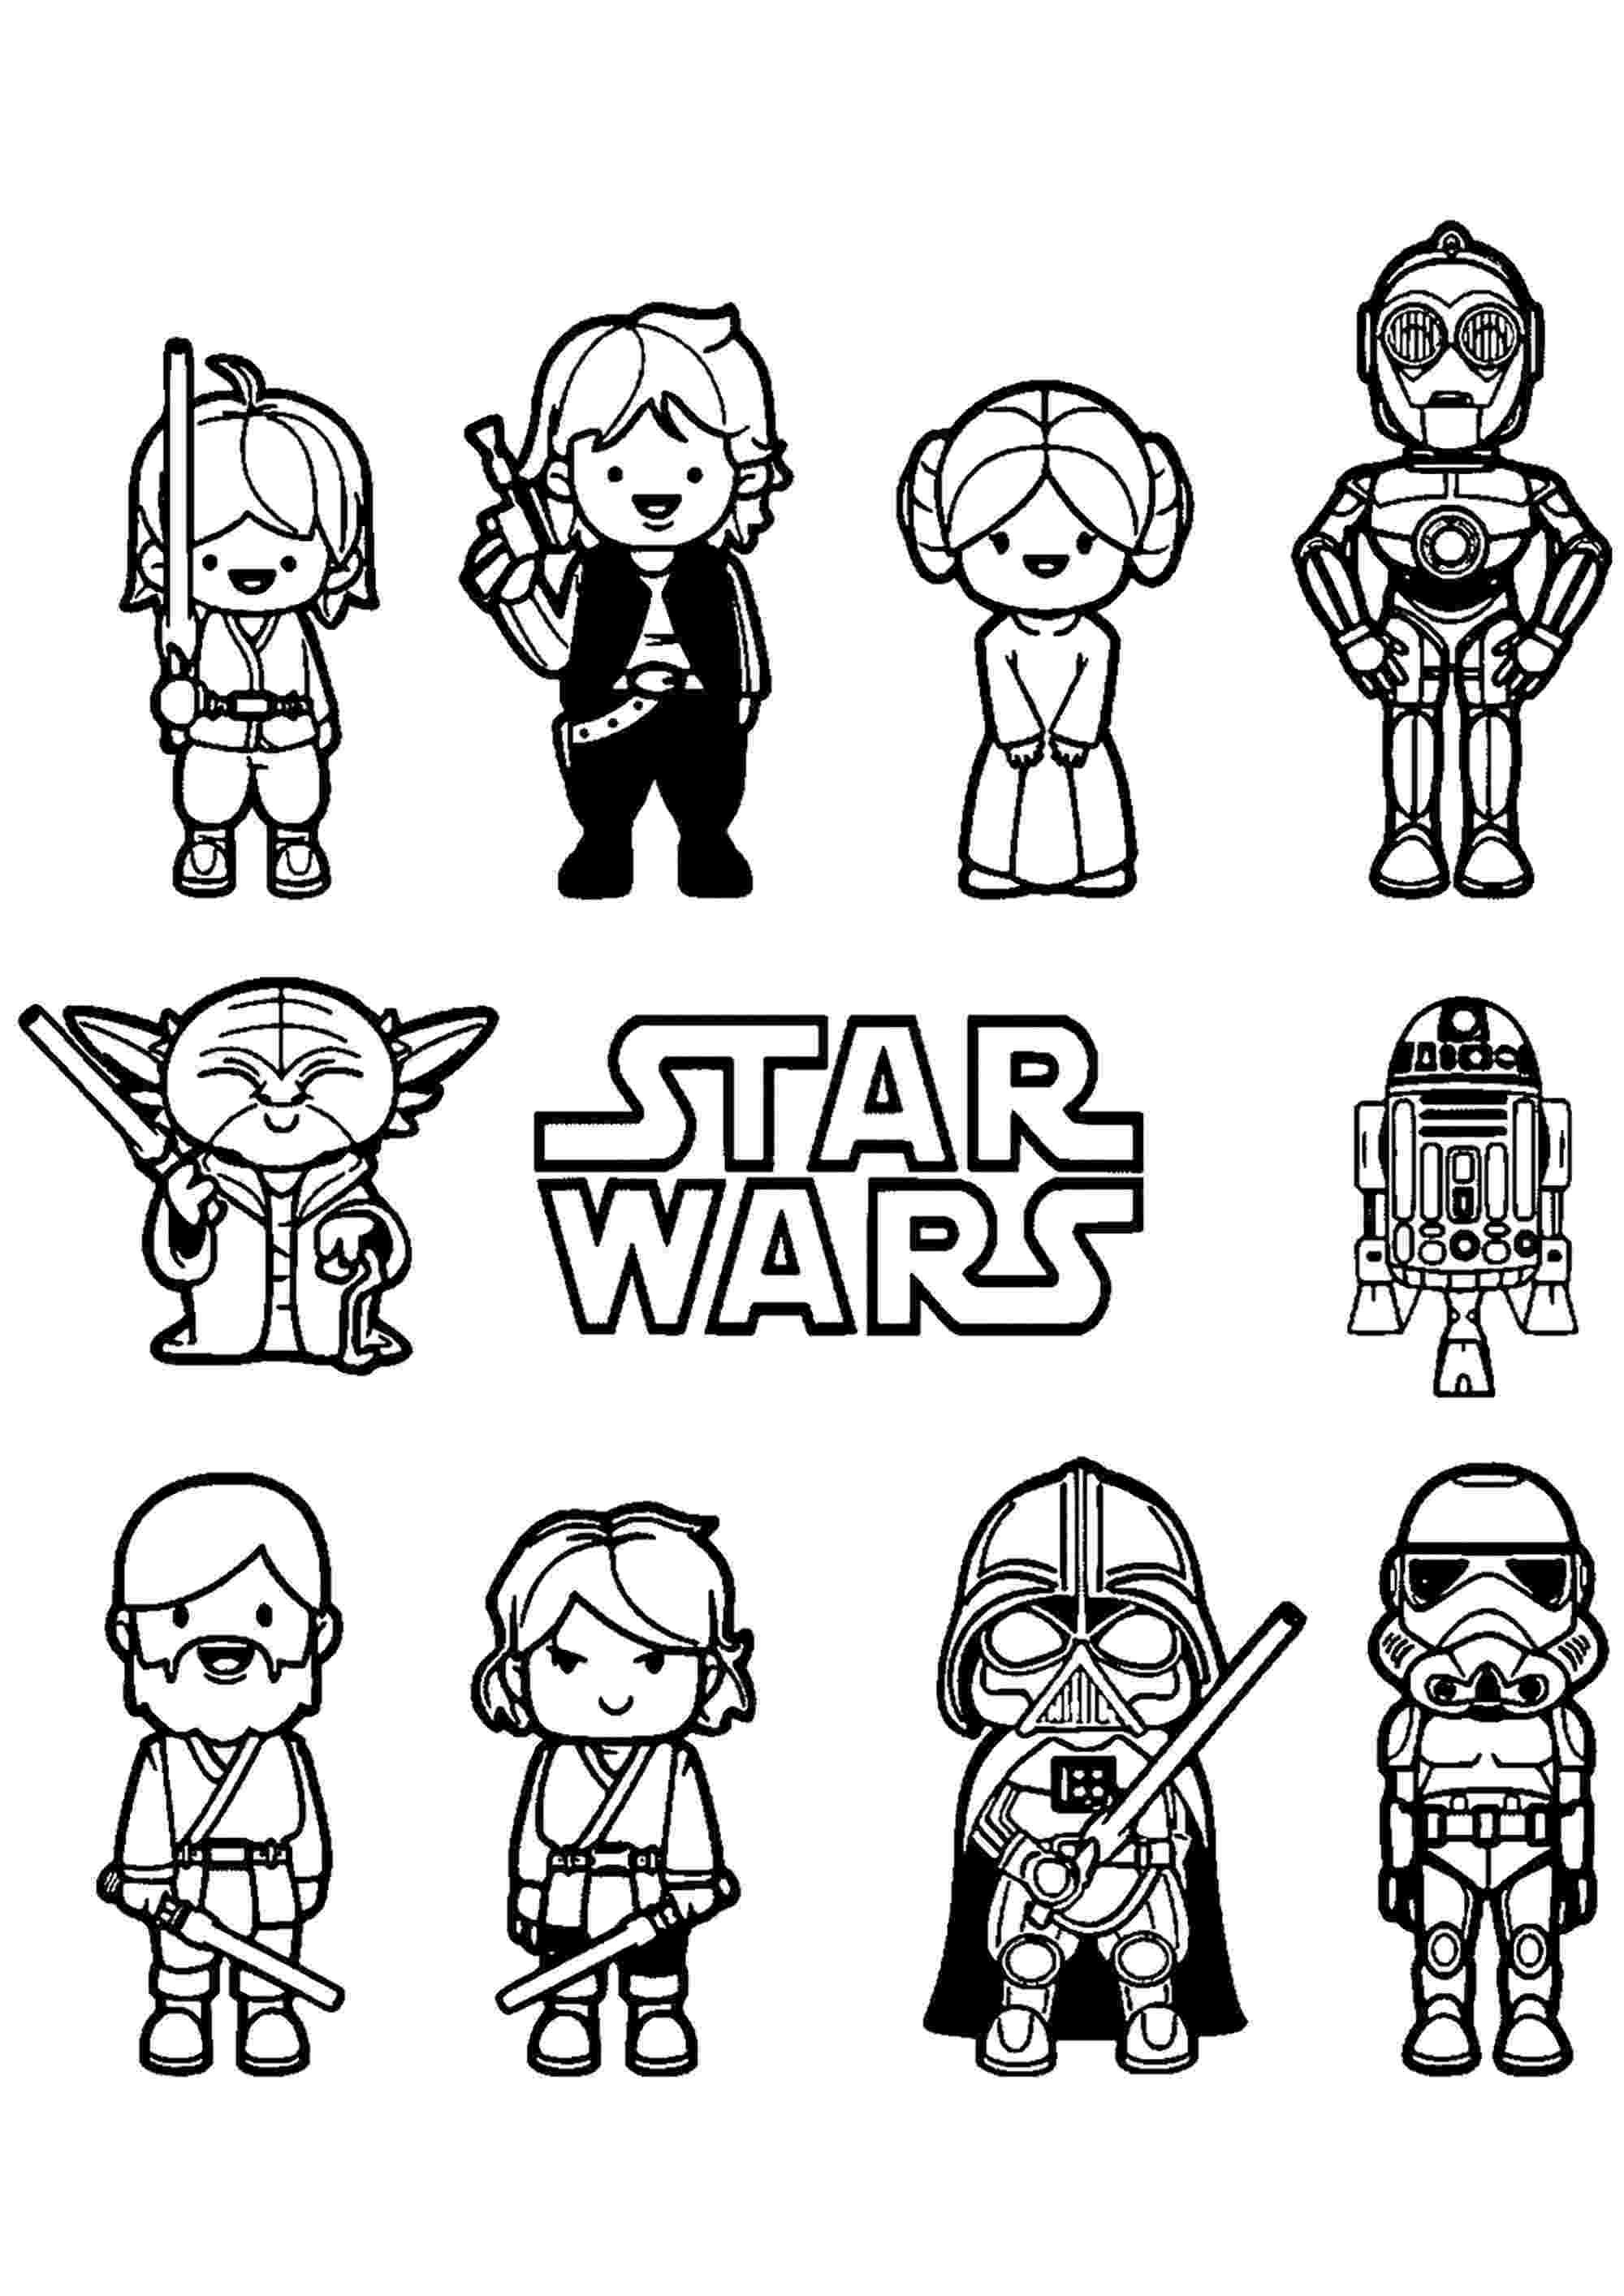 star wars colouring printables famous star wars coloring darth vader cartoon coloring star colouring printables wars